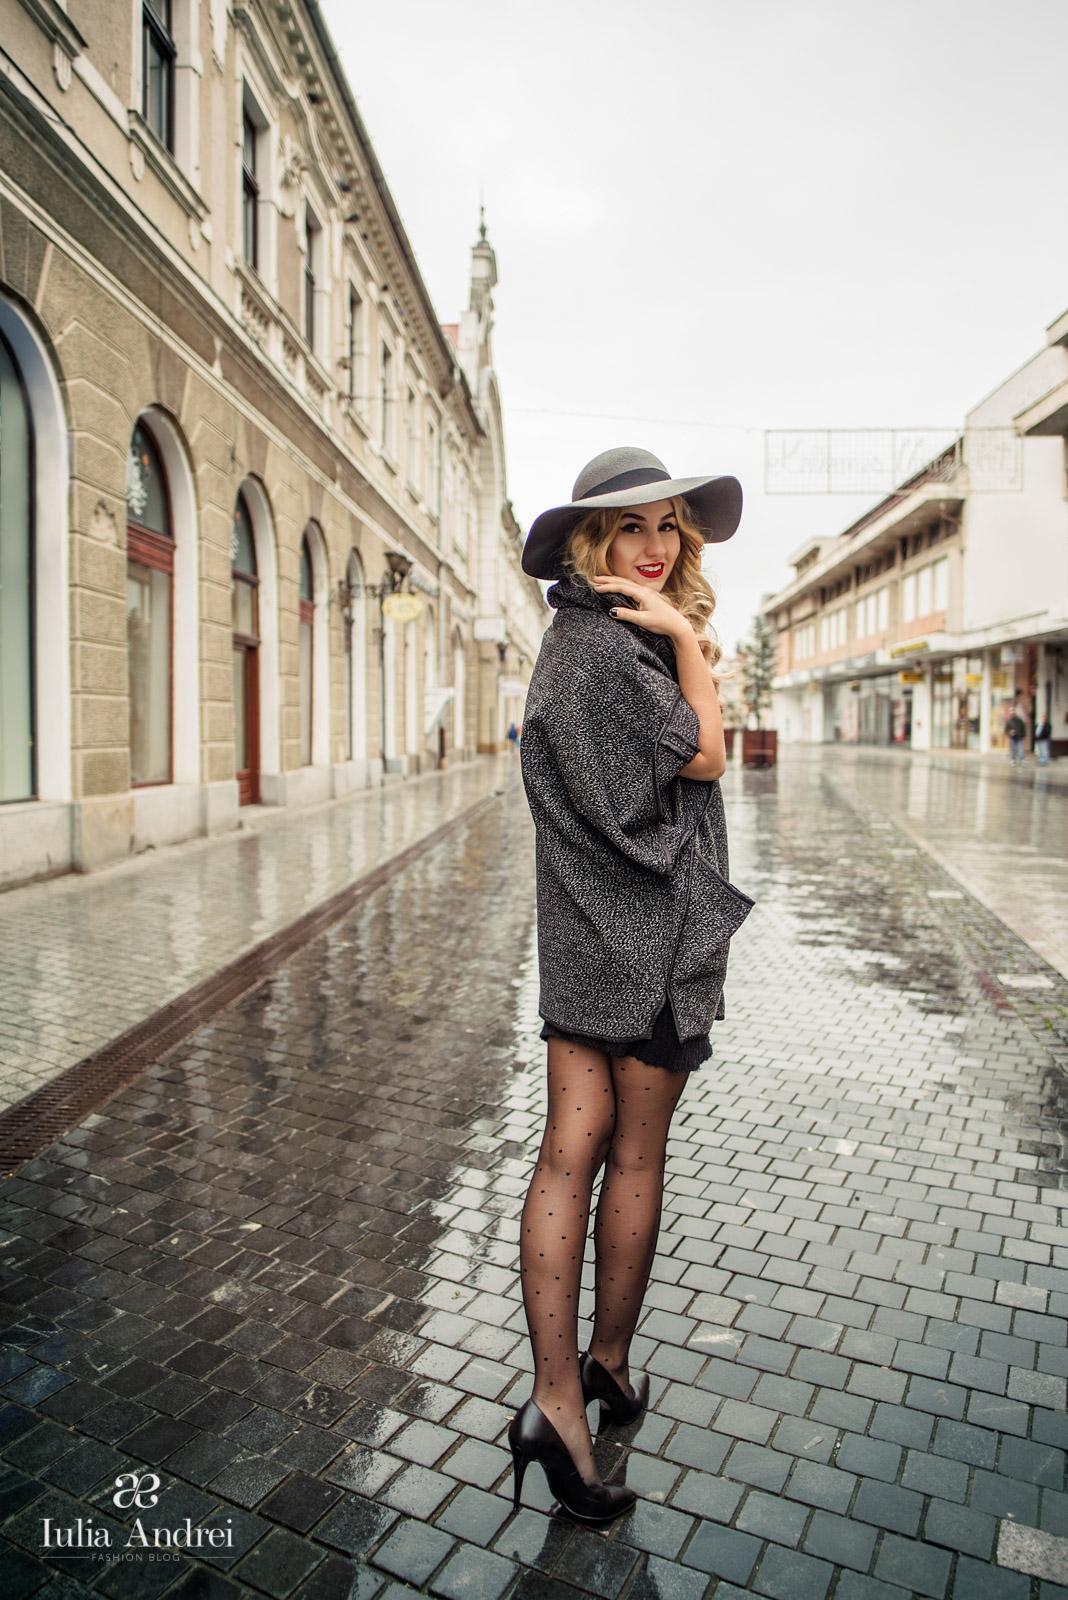 Iulia Andrei - Capa pentru zile ploioase